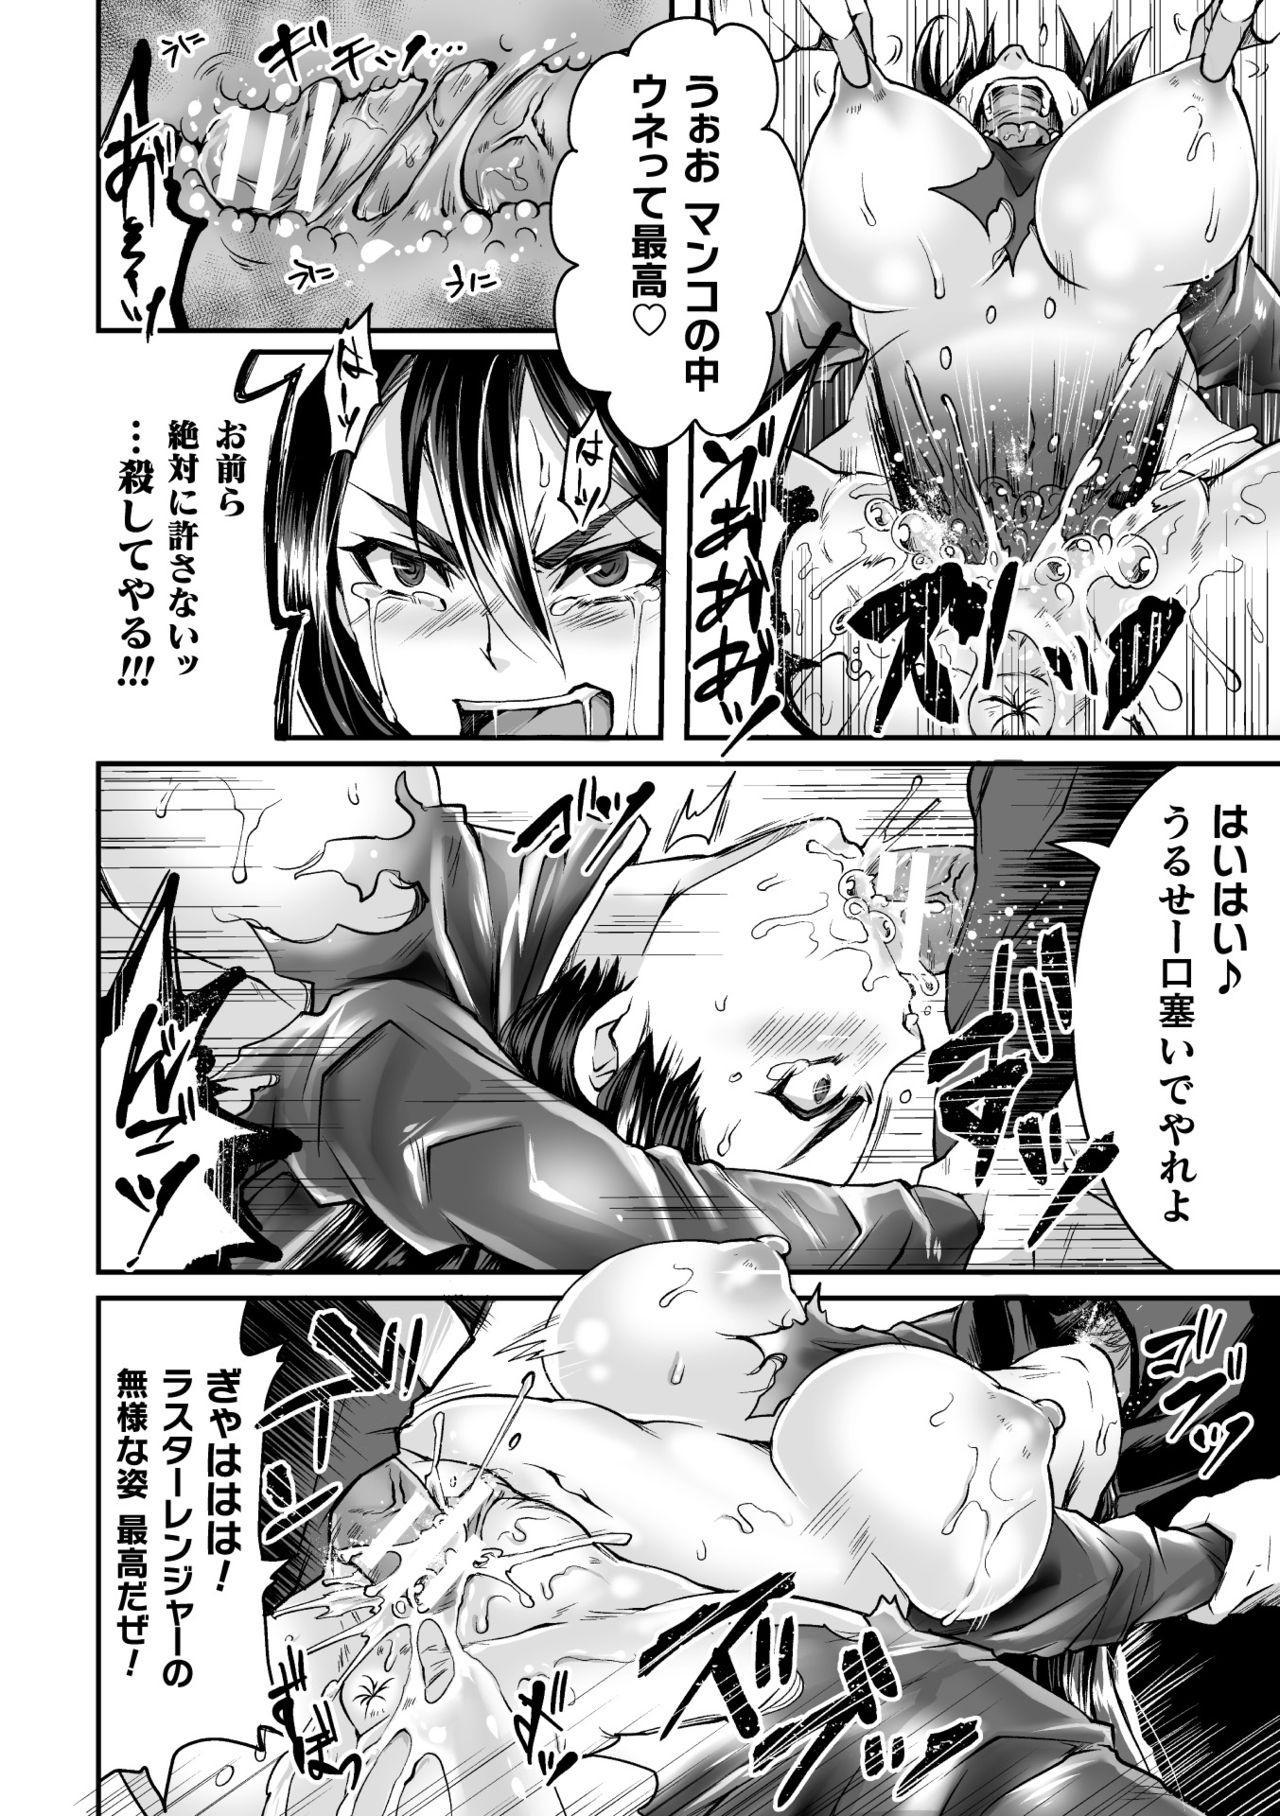 2D Comic Magazine TS Akuochi Nyotaika Shita Seigikan-tachi ga Akuten Acme! Vol. 2 35